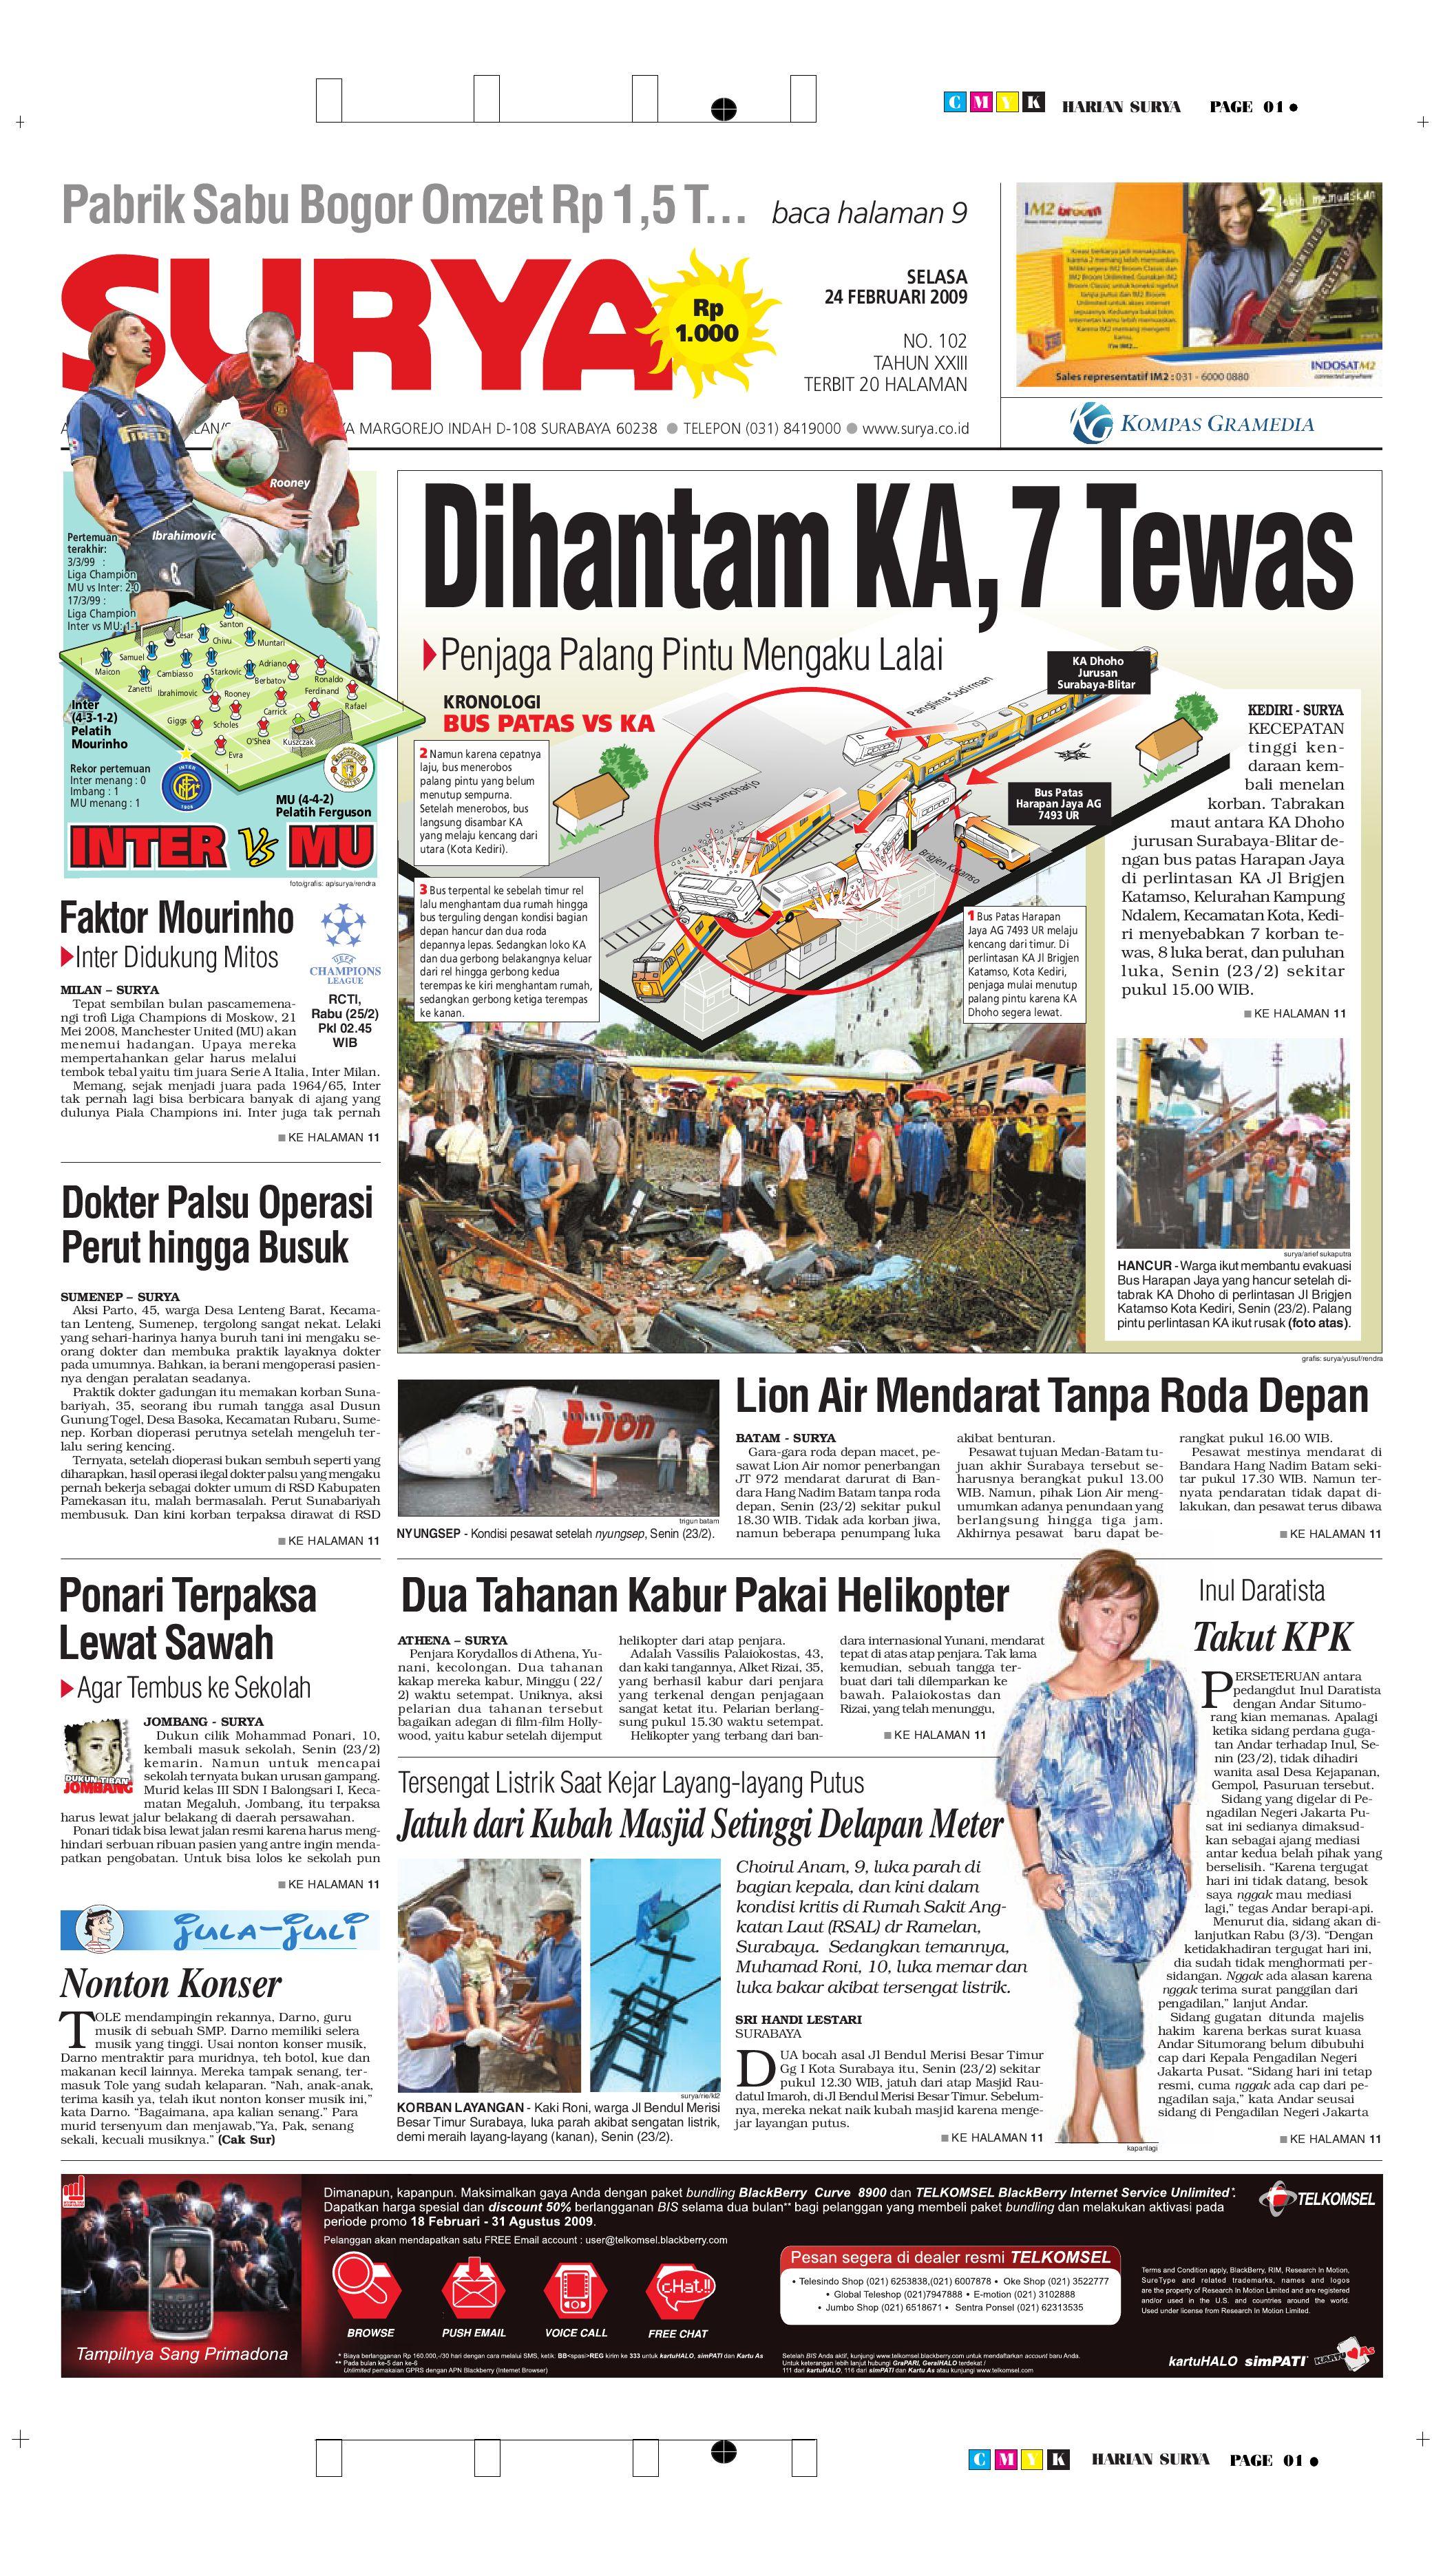 surya edisi cetak 15 desember 2010 by harian surya issuu